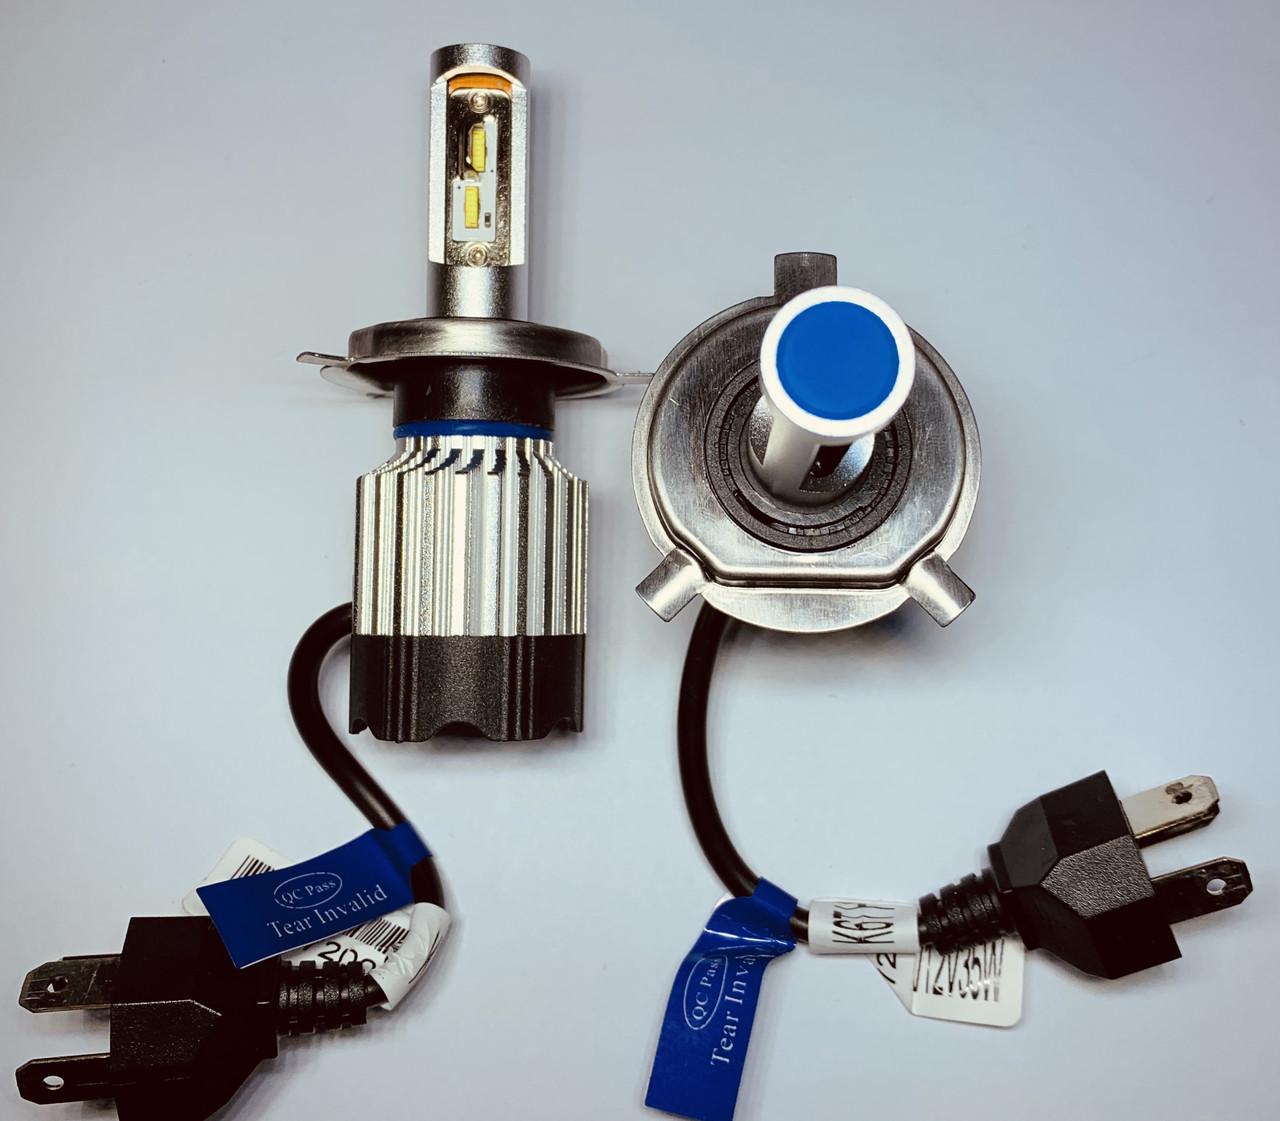 LED лампы в головной свет светодиодные H4 KT CSP 8000Lm 70Watt